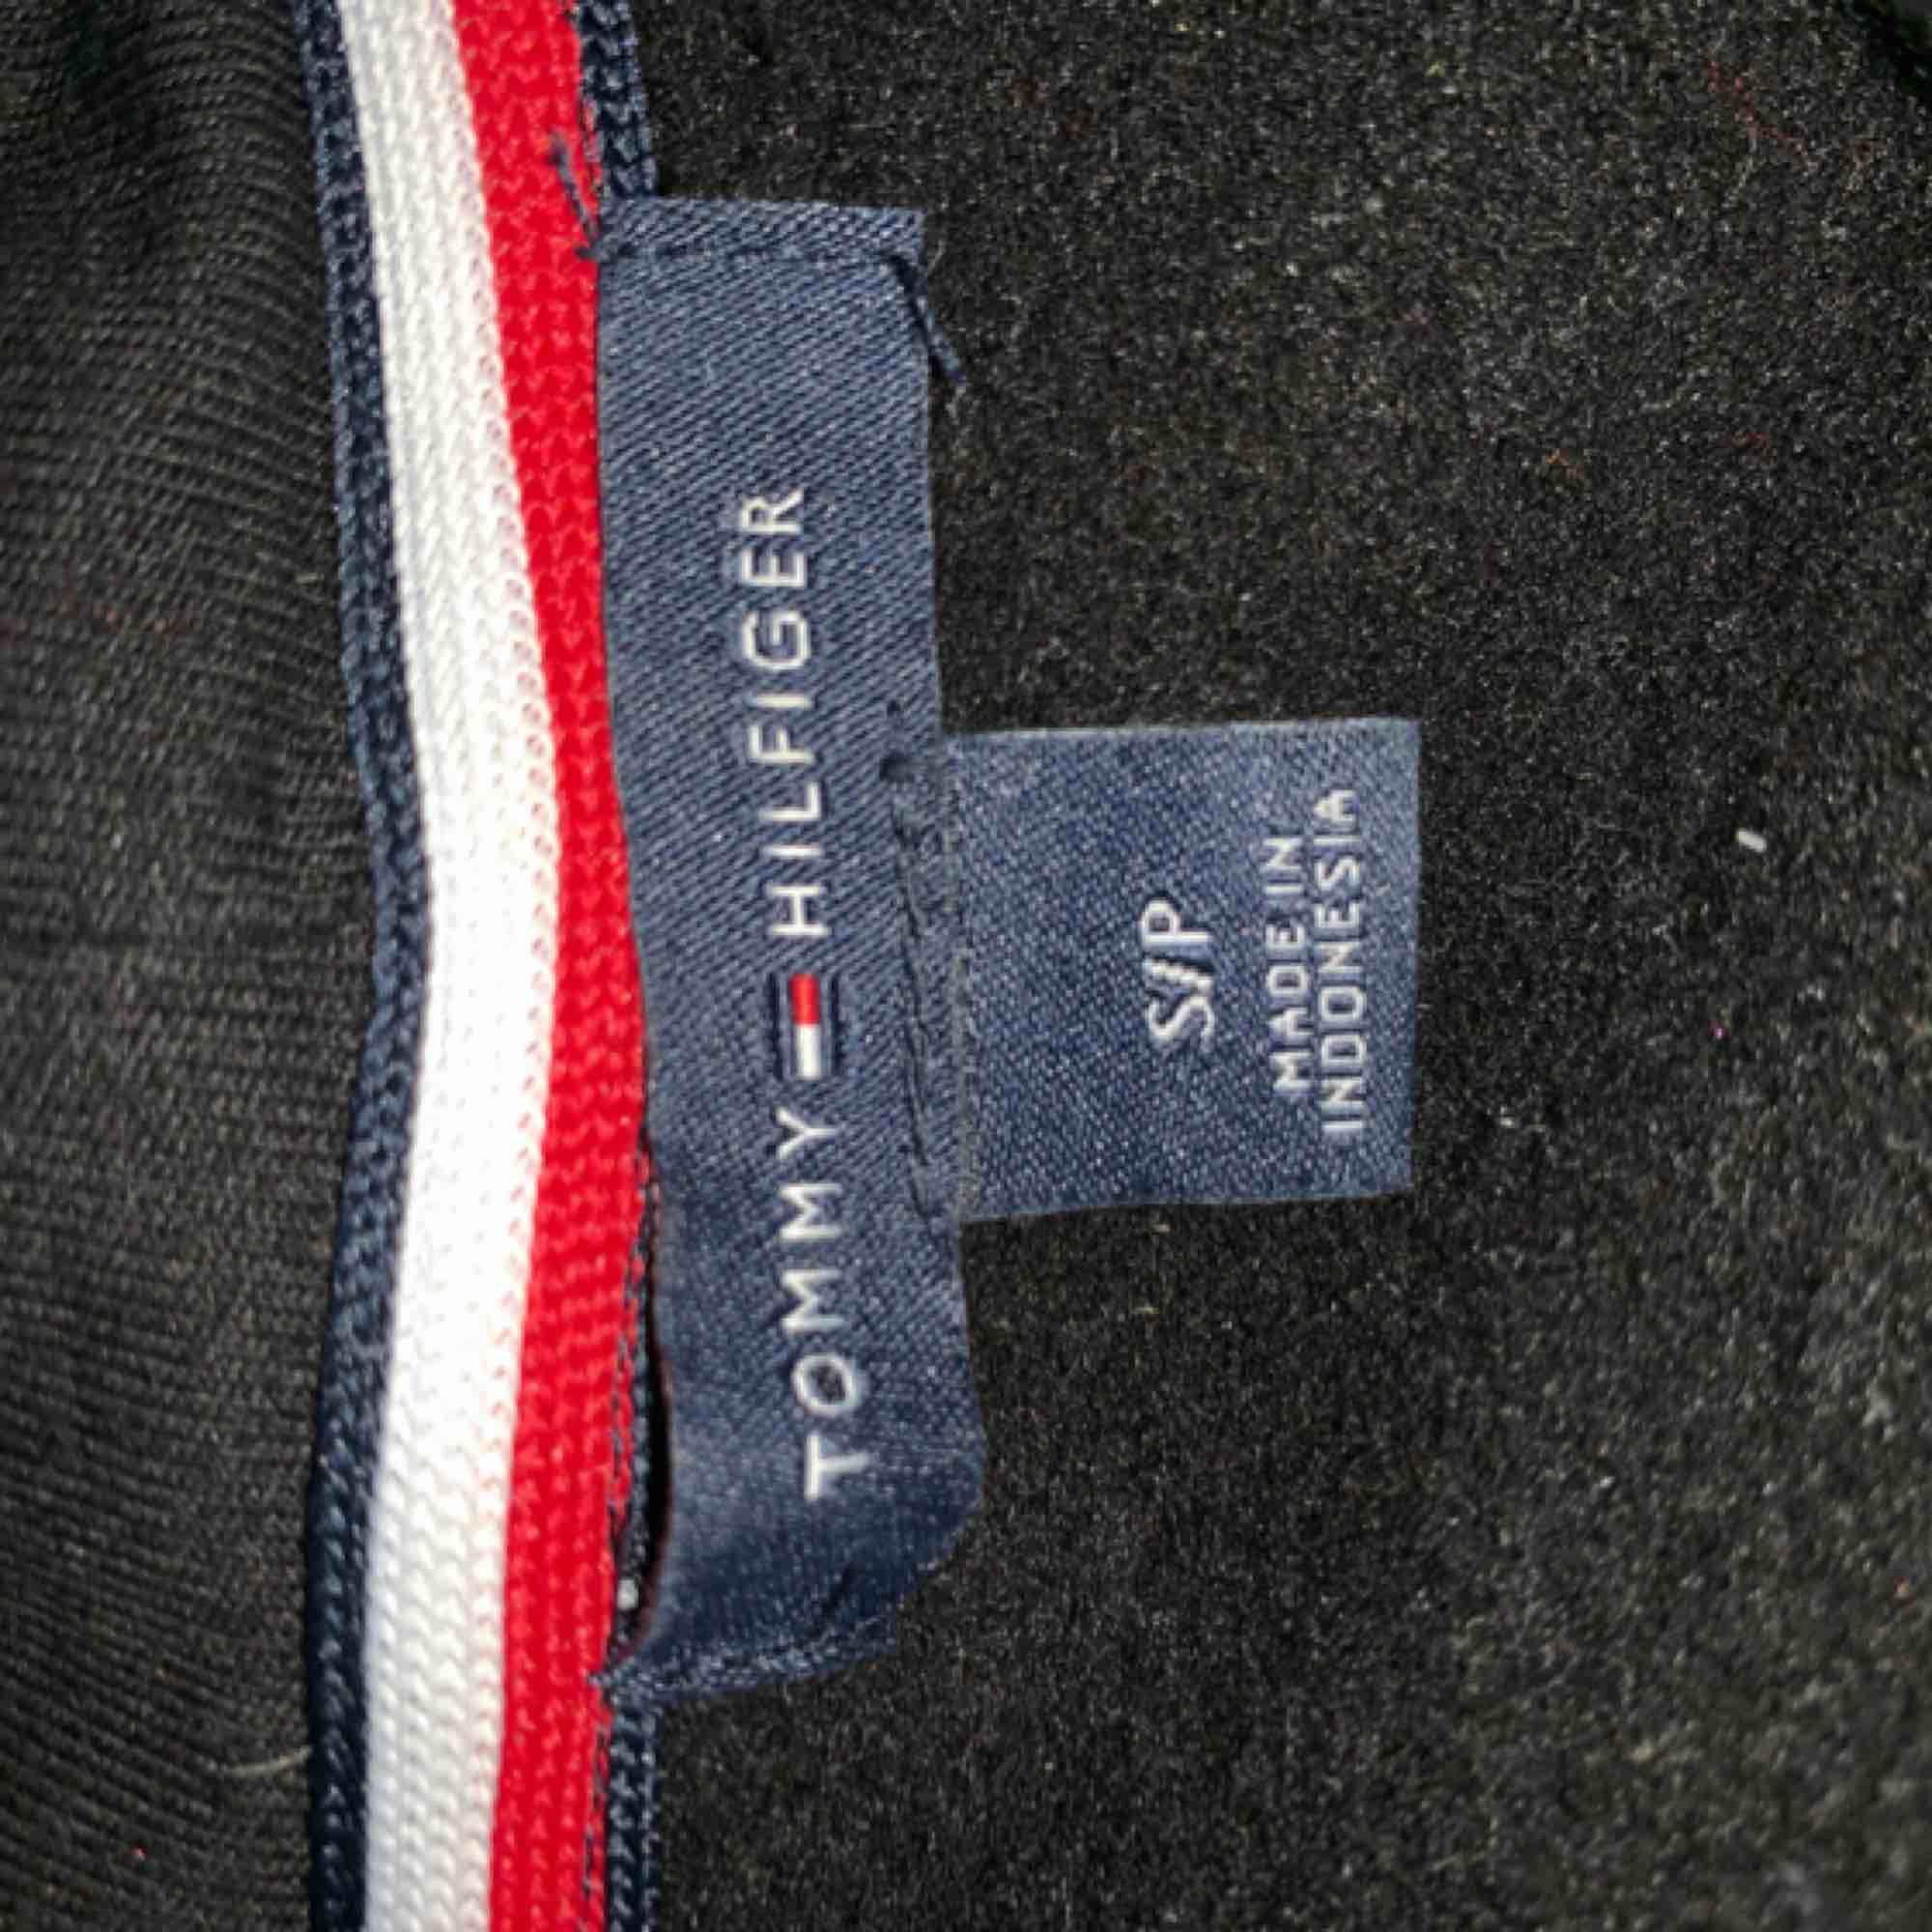 Tommy hillfiger tröja med text på armen lite för liten för mig tyvärr använd 2-3 gånger Köparen står för frakt. Tröjor & Koftor.